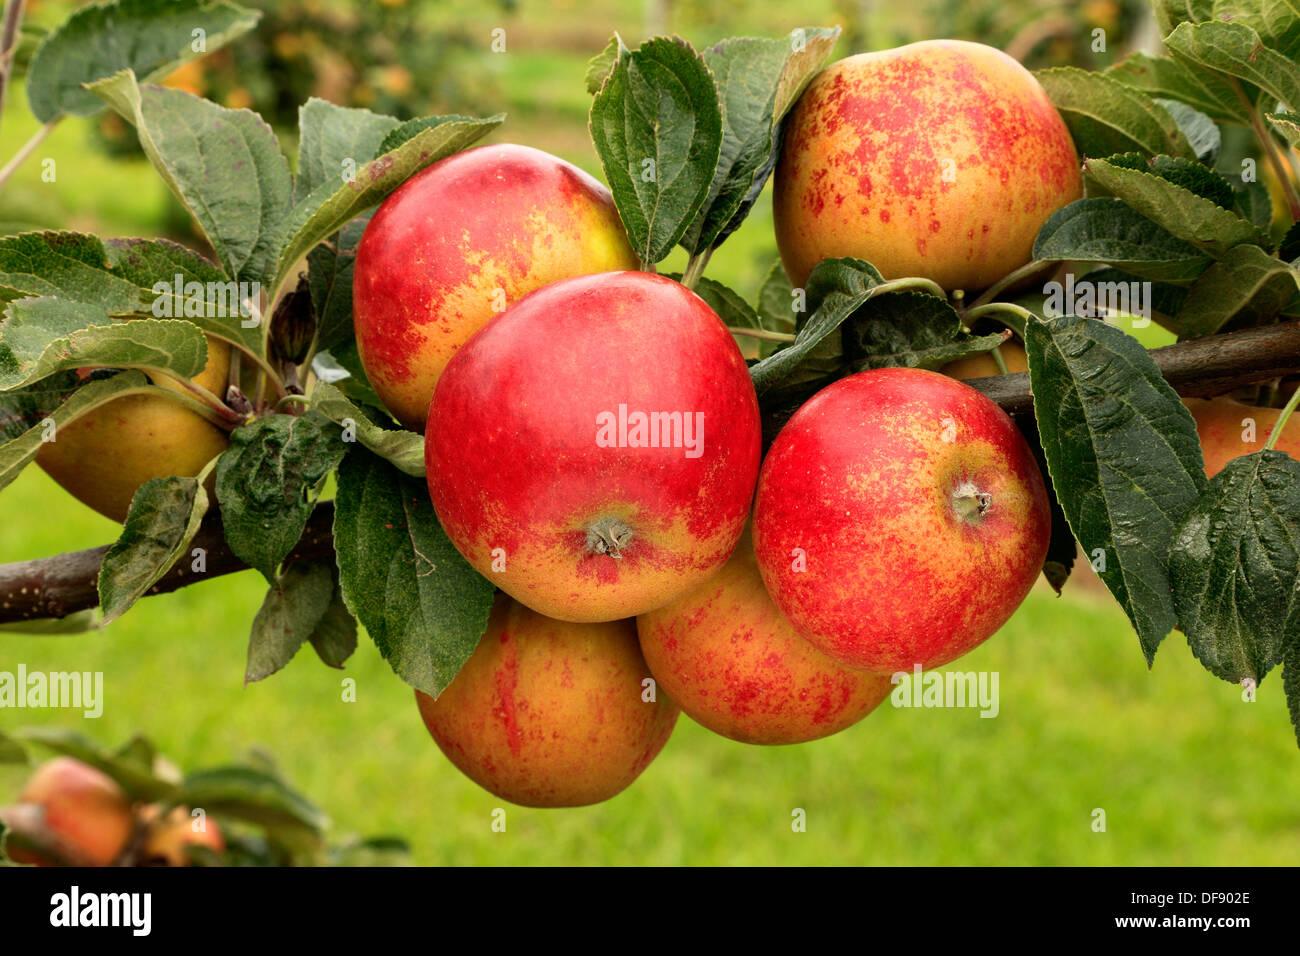 """Apple, """"Norfolk Royal Russet', varietà crescono sugli alberi, frutta mele rosse England Regno Unito Immagini Stock"""